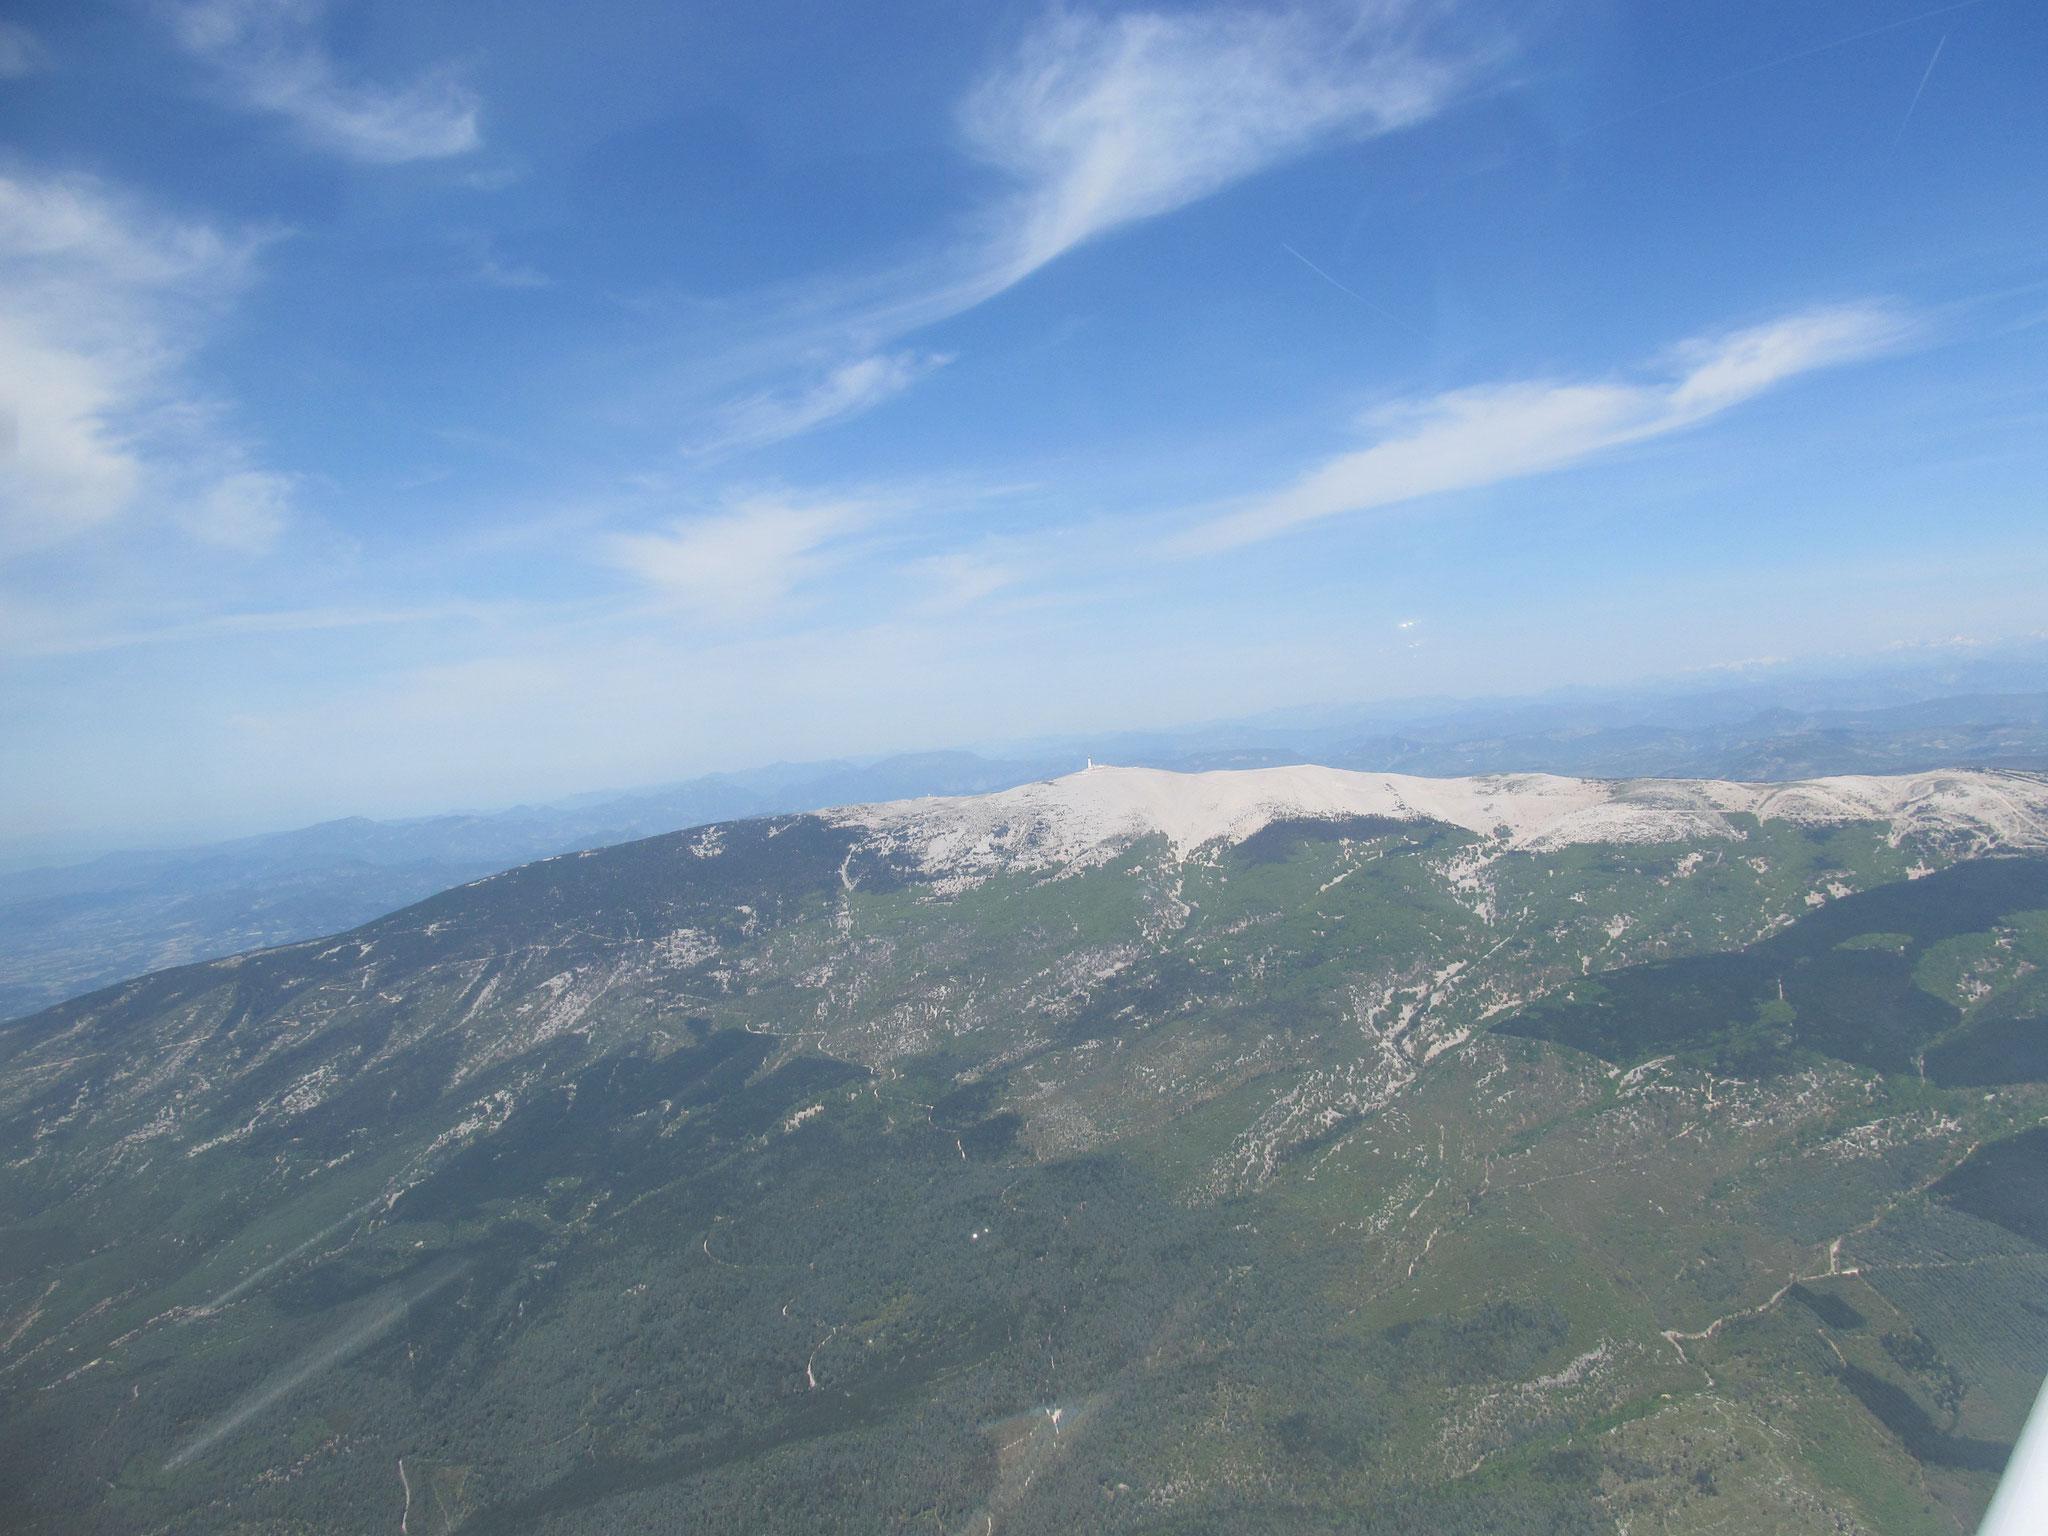 Survol du mont Ventoux